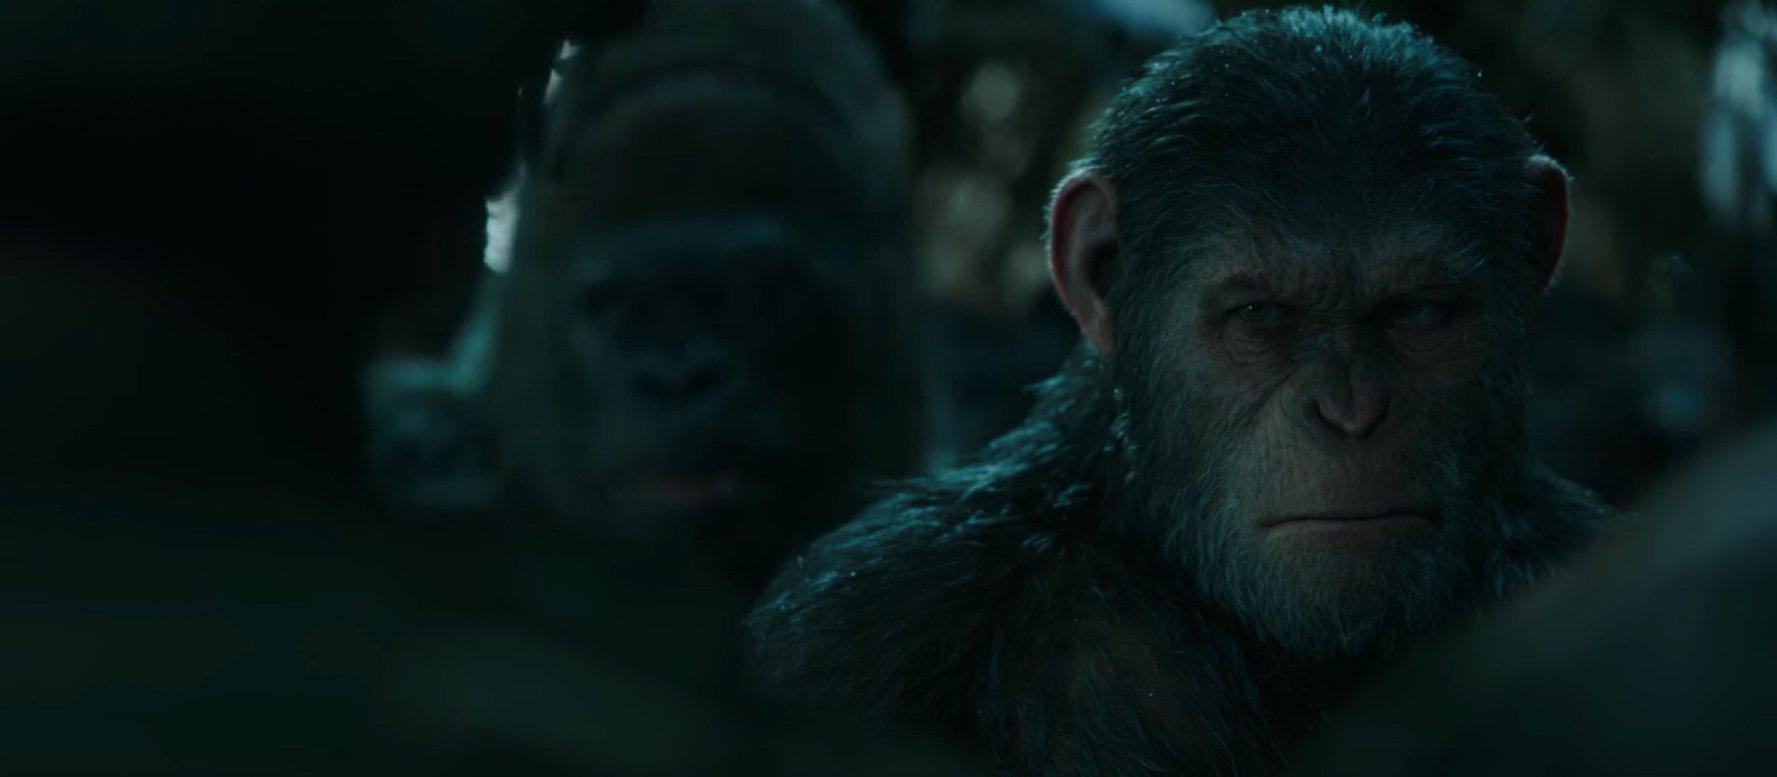 Планета обезьян Война фильм смотреть онлайн в хорошем качестве